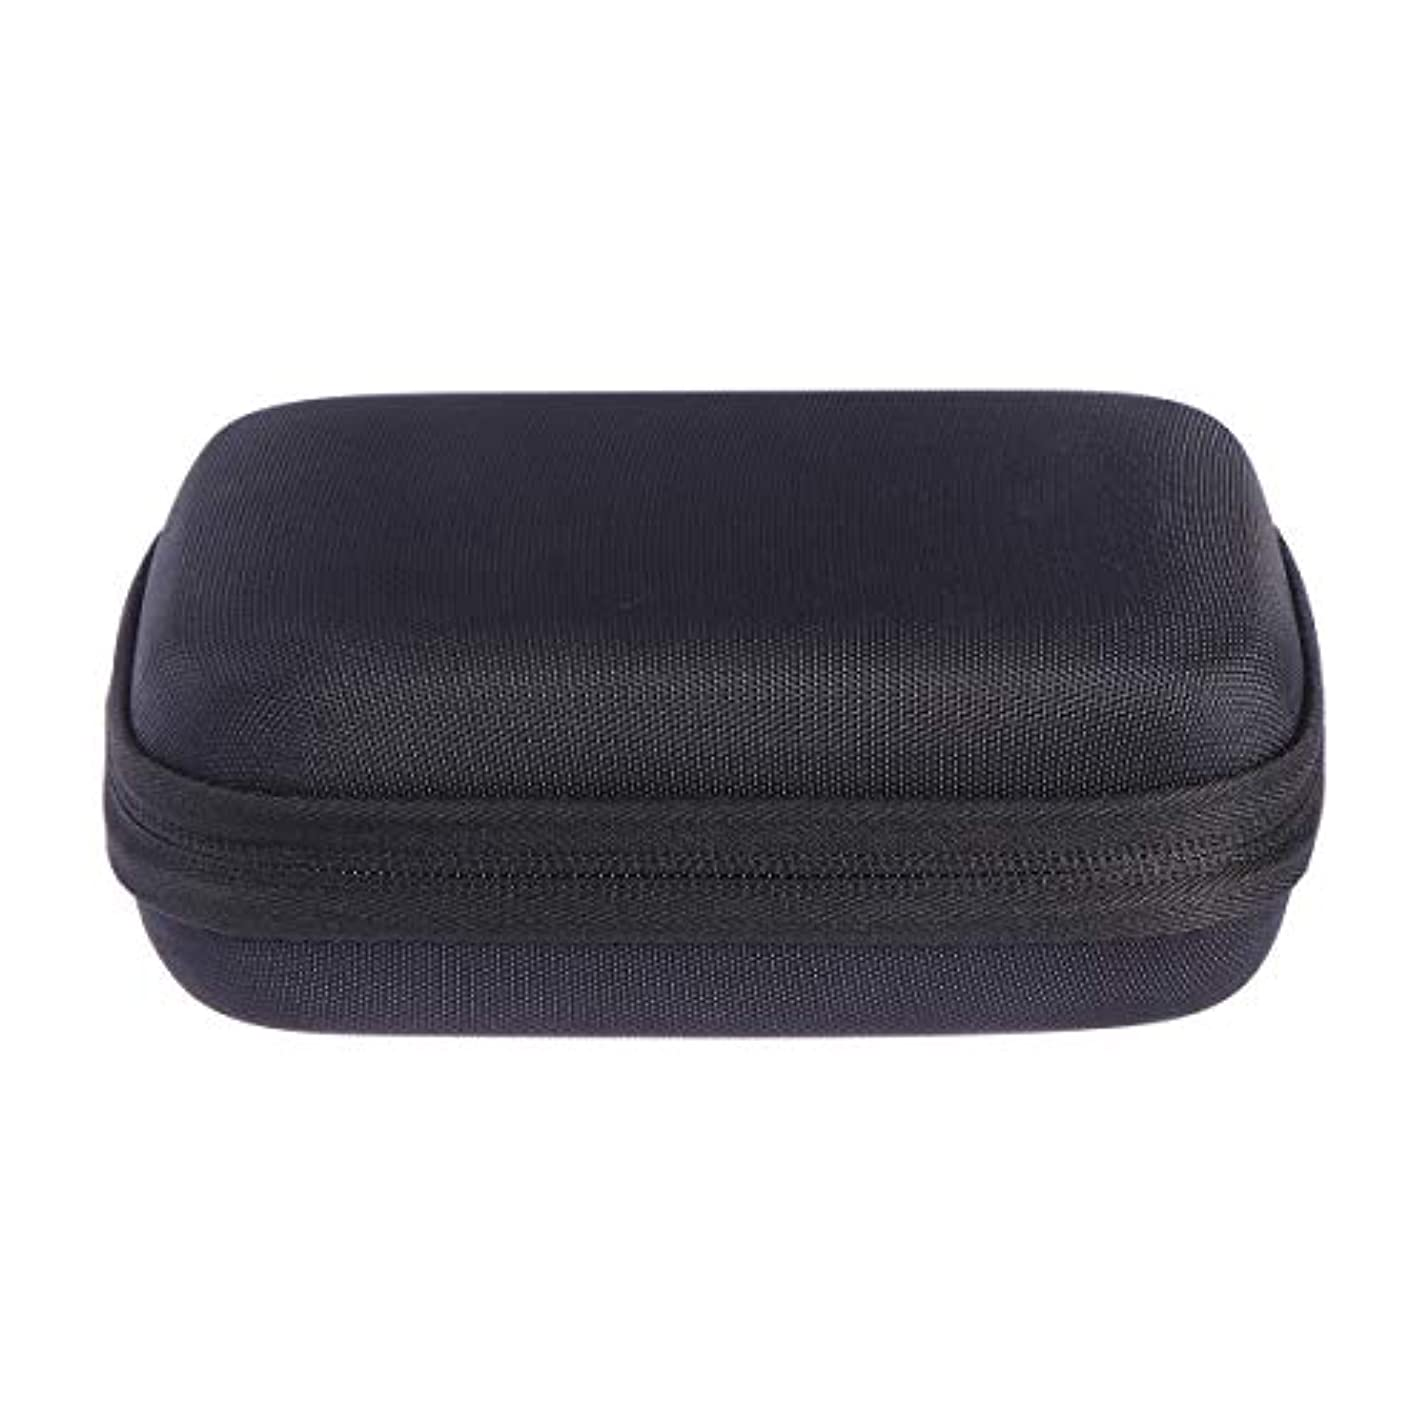 講義過敏な支配するSUPVOX エッセンシャルオイルバッグキャリングケースオーガナイザーローラーボトル収納袋10スロットハードシェルオイルケースホルダー(ブラック)